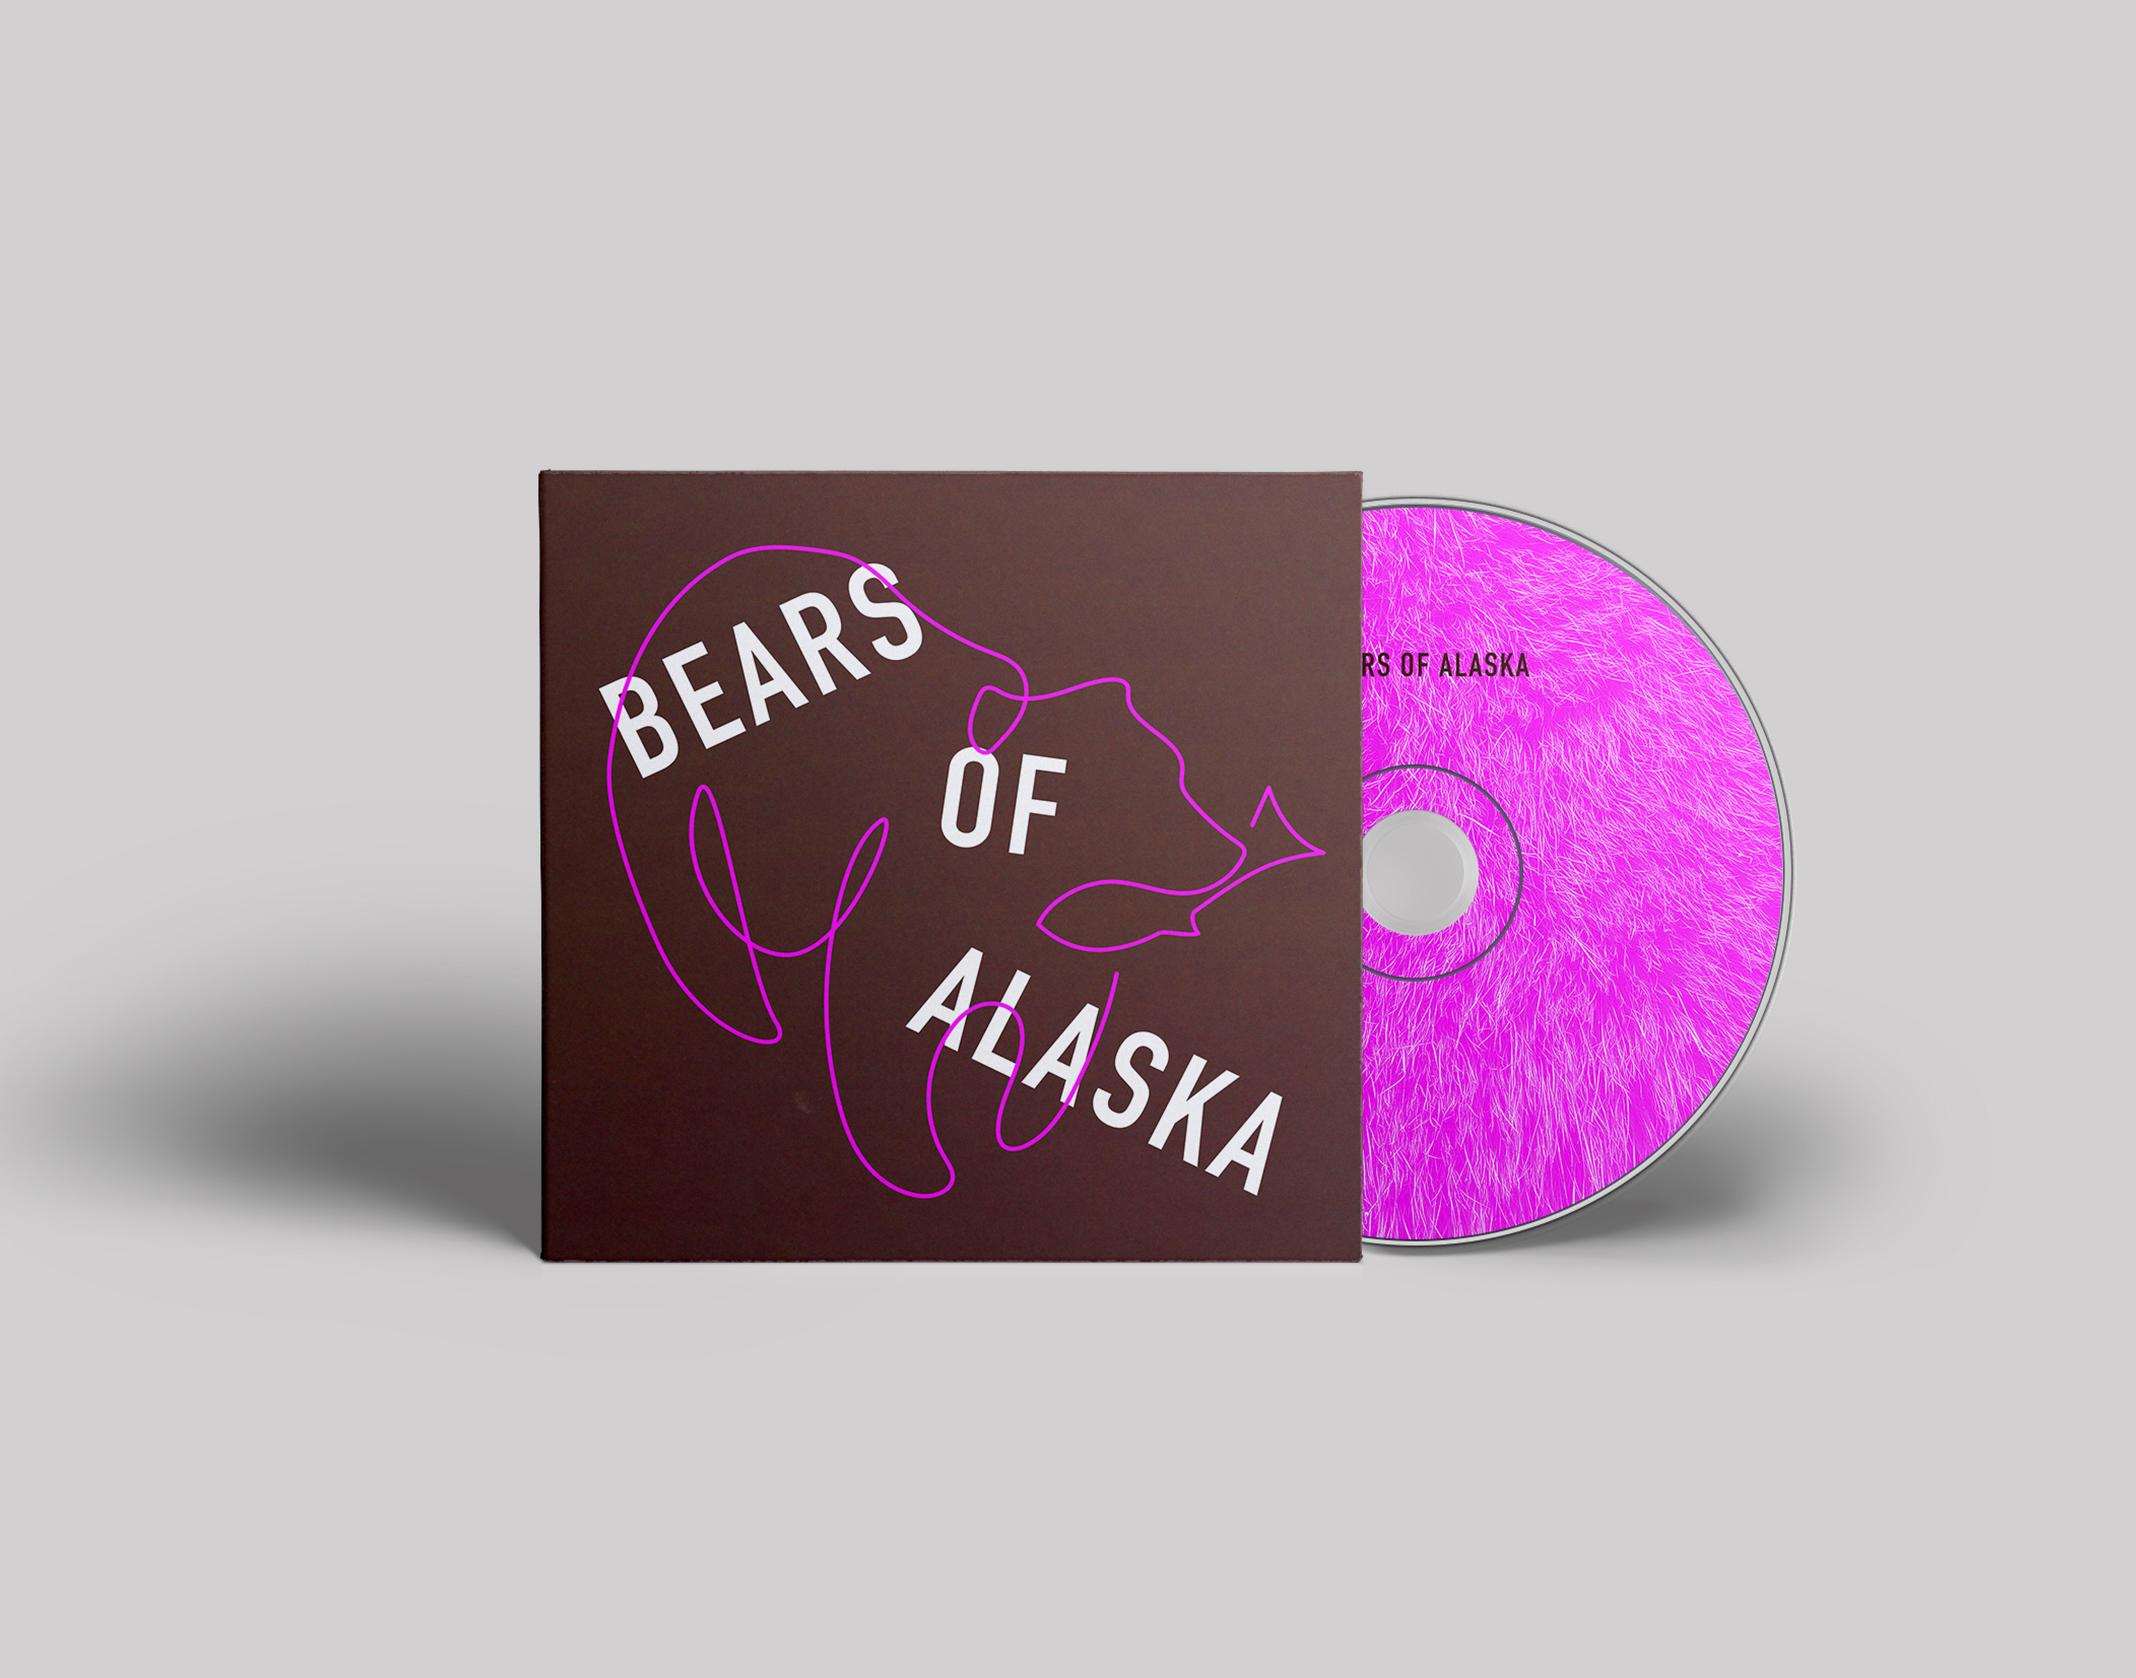 Lauren Peters-Collaer—Bears of Alaska